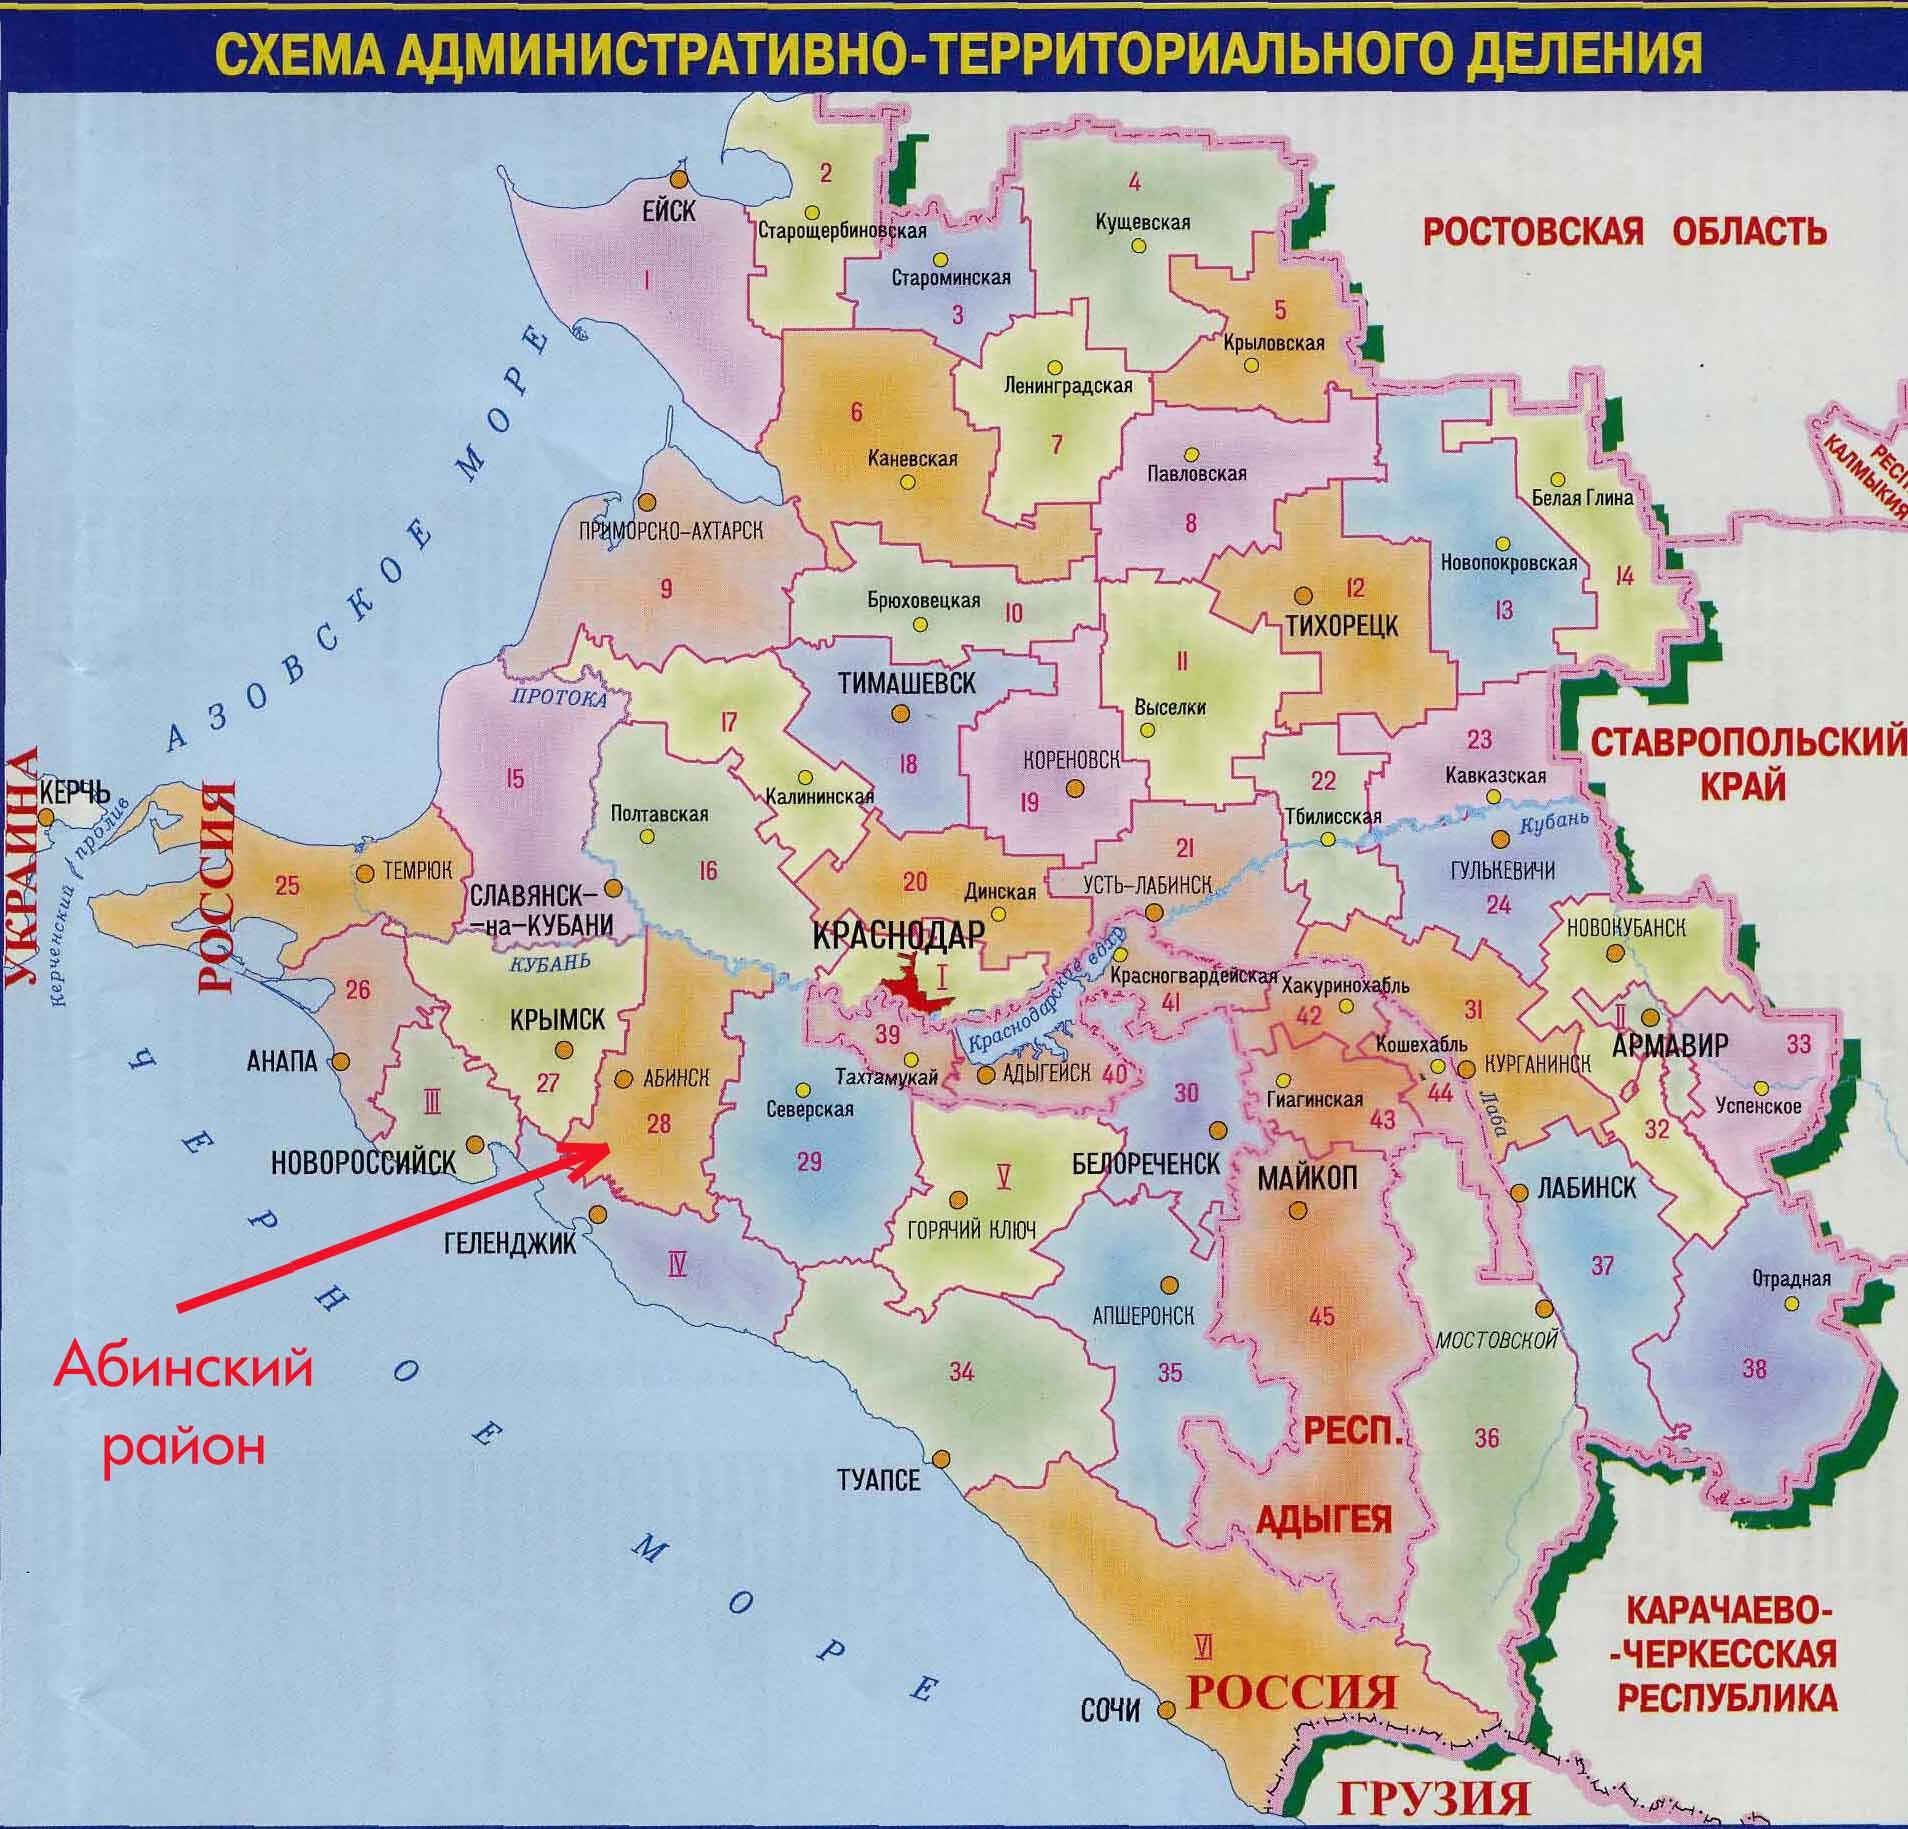 Схема абинского района краснодарского края